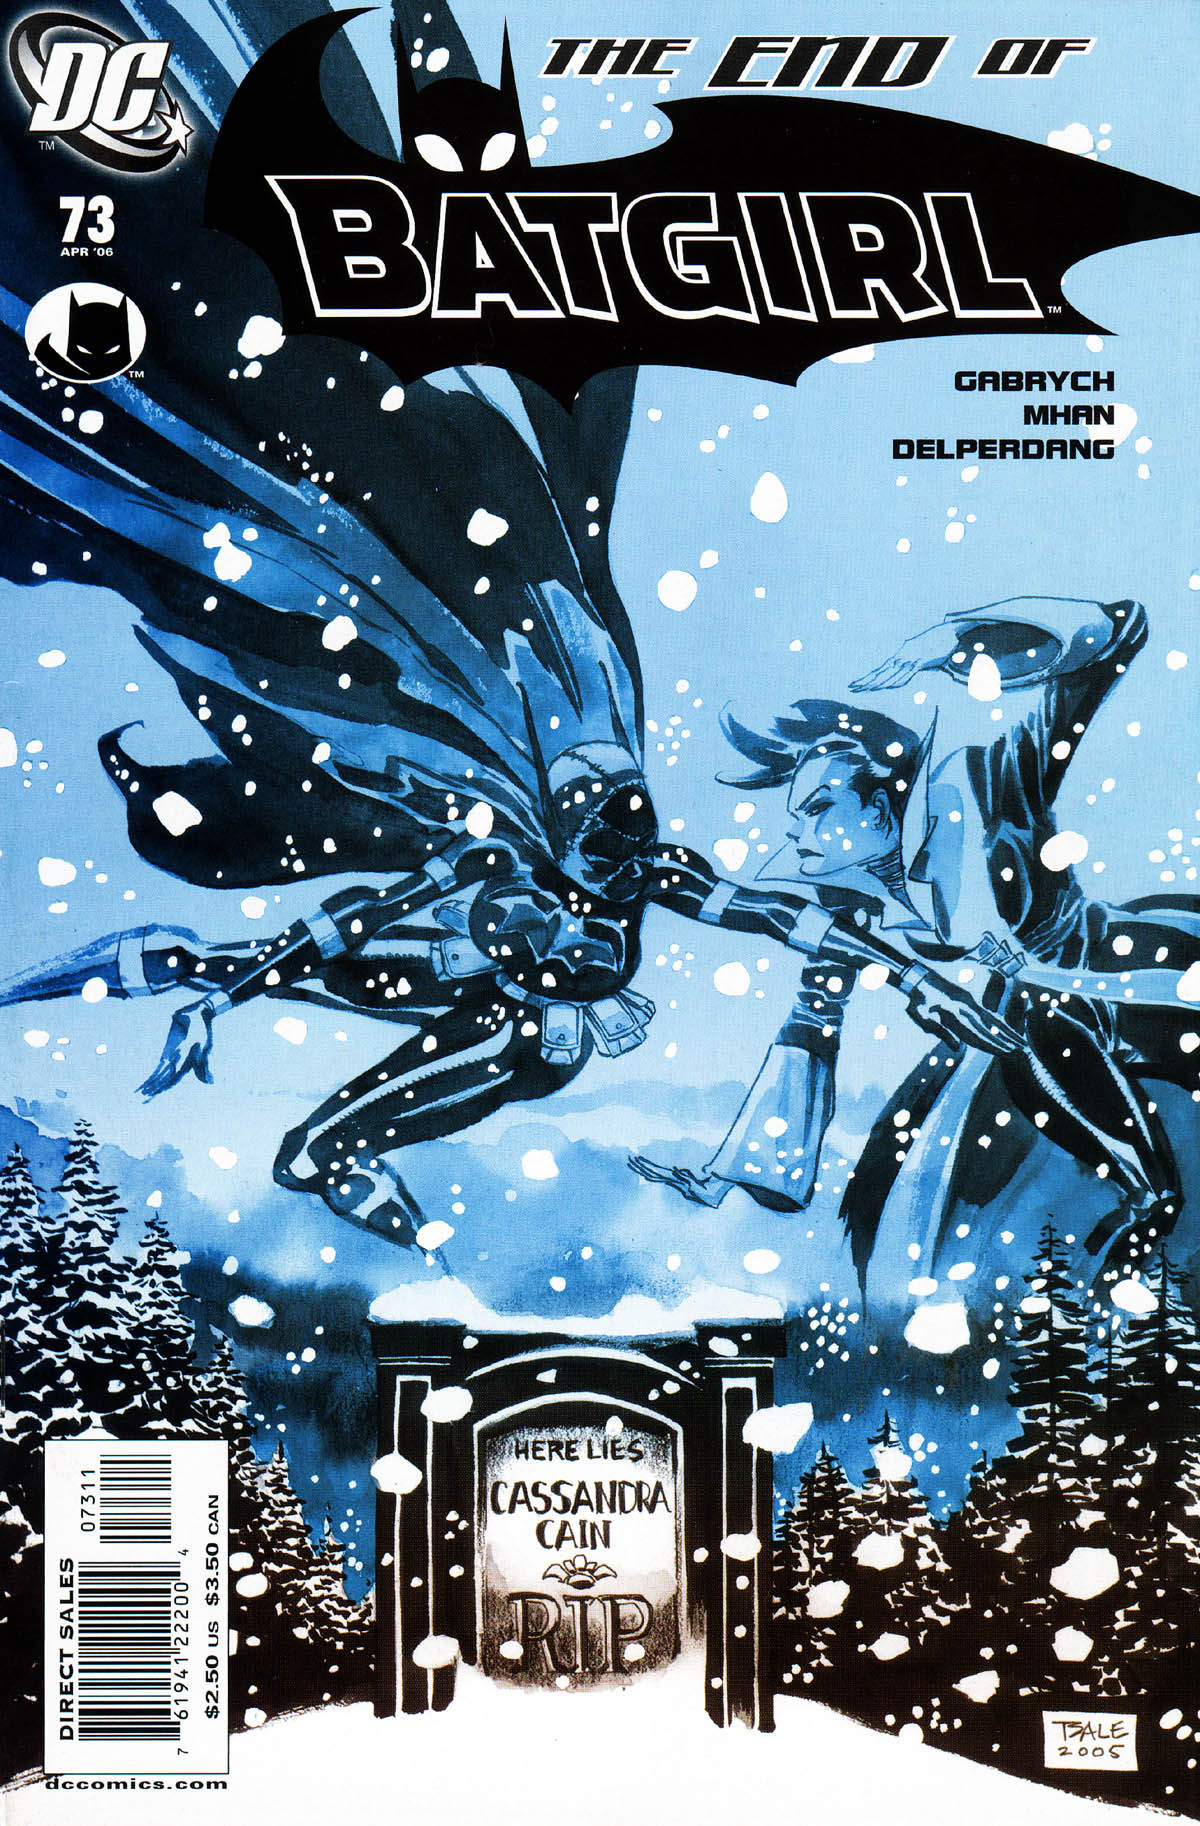 Batgirl (2000) 73 Page 1